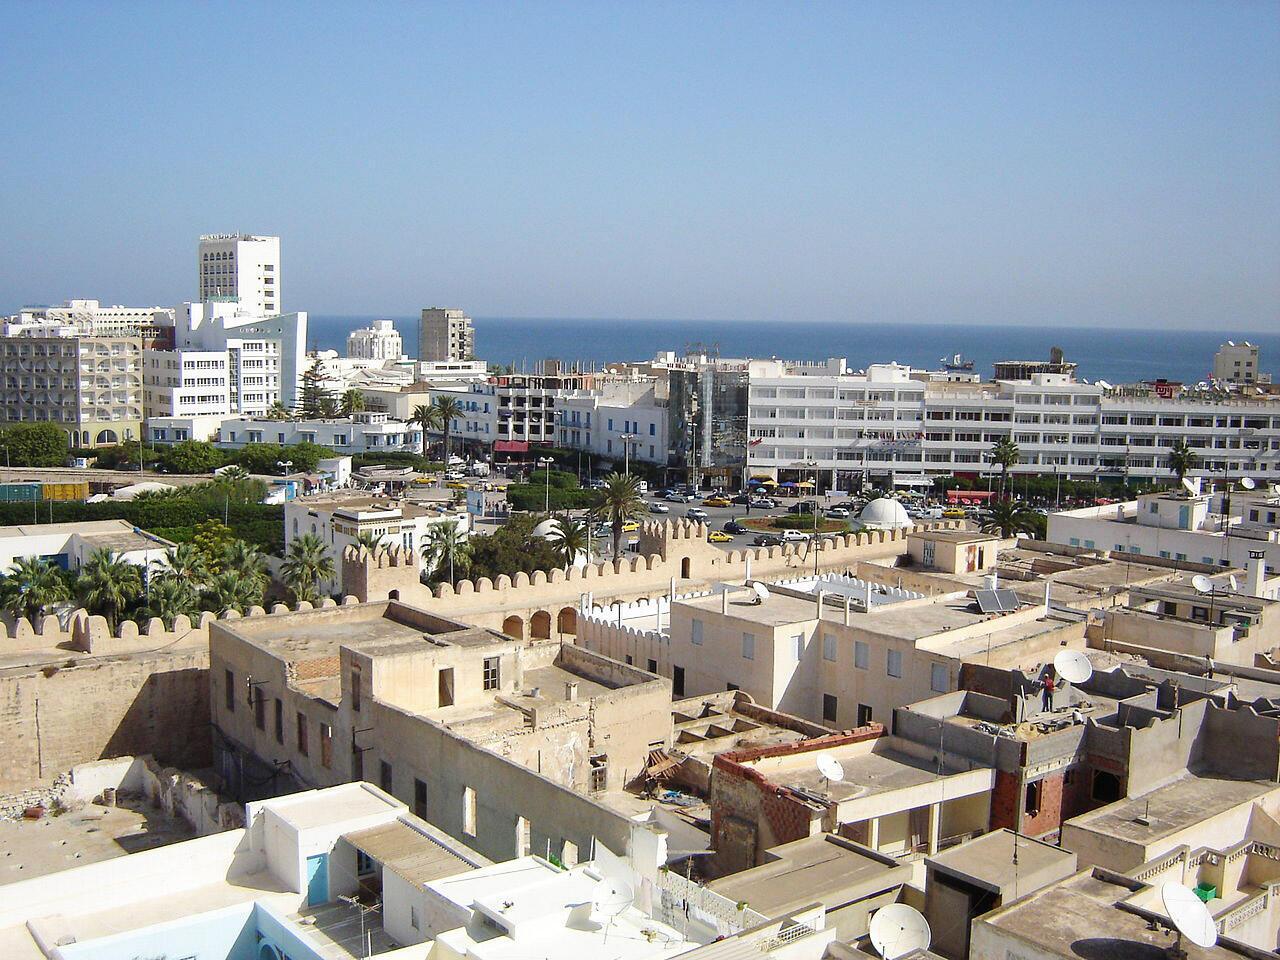 Une vue de la ville européenne de Sousse, la capitale du «Sahel» tunisien.